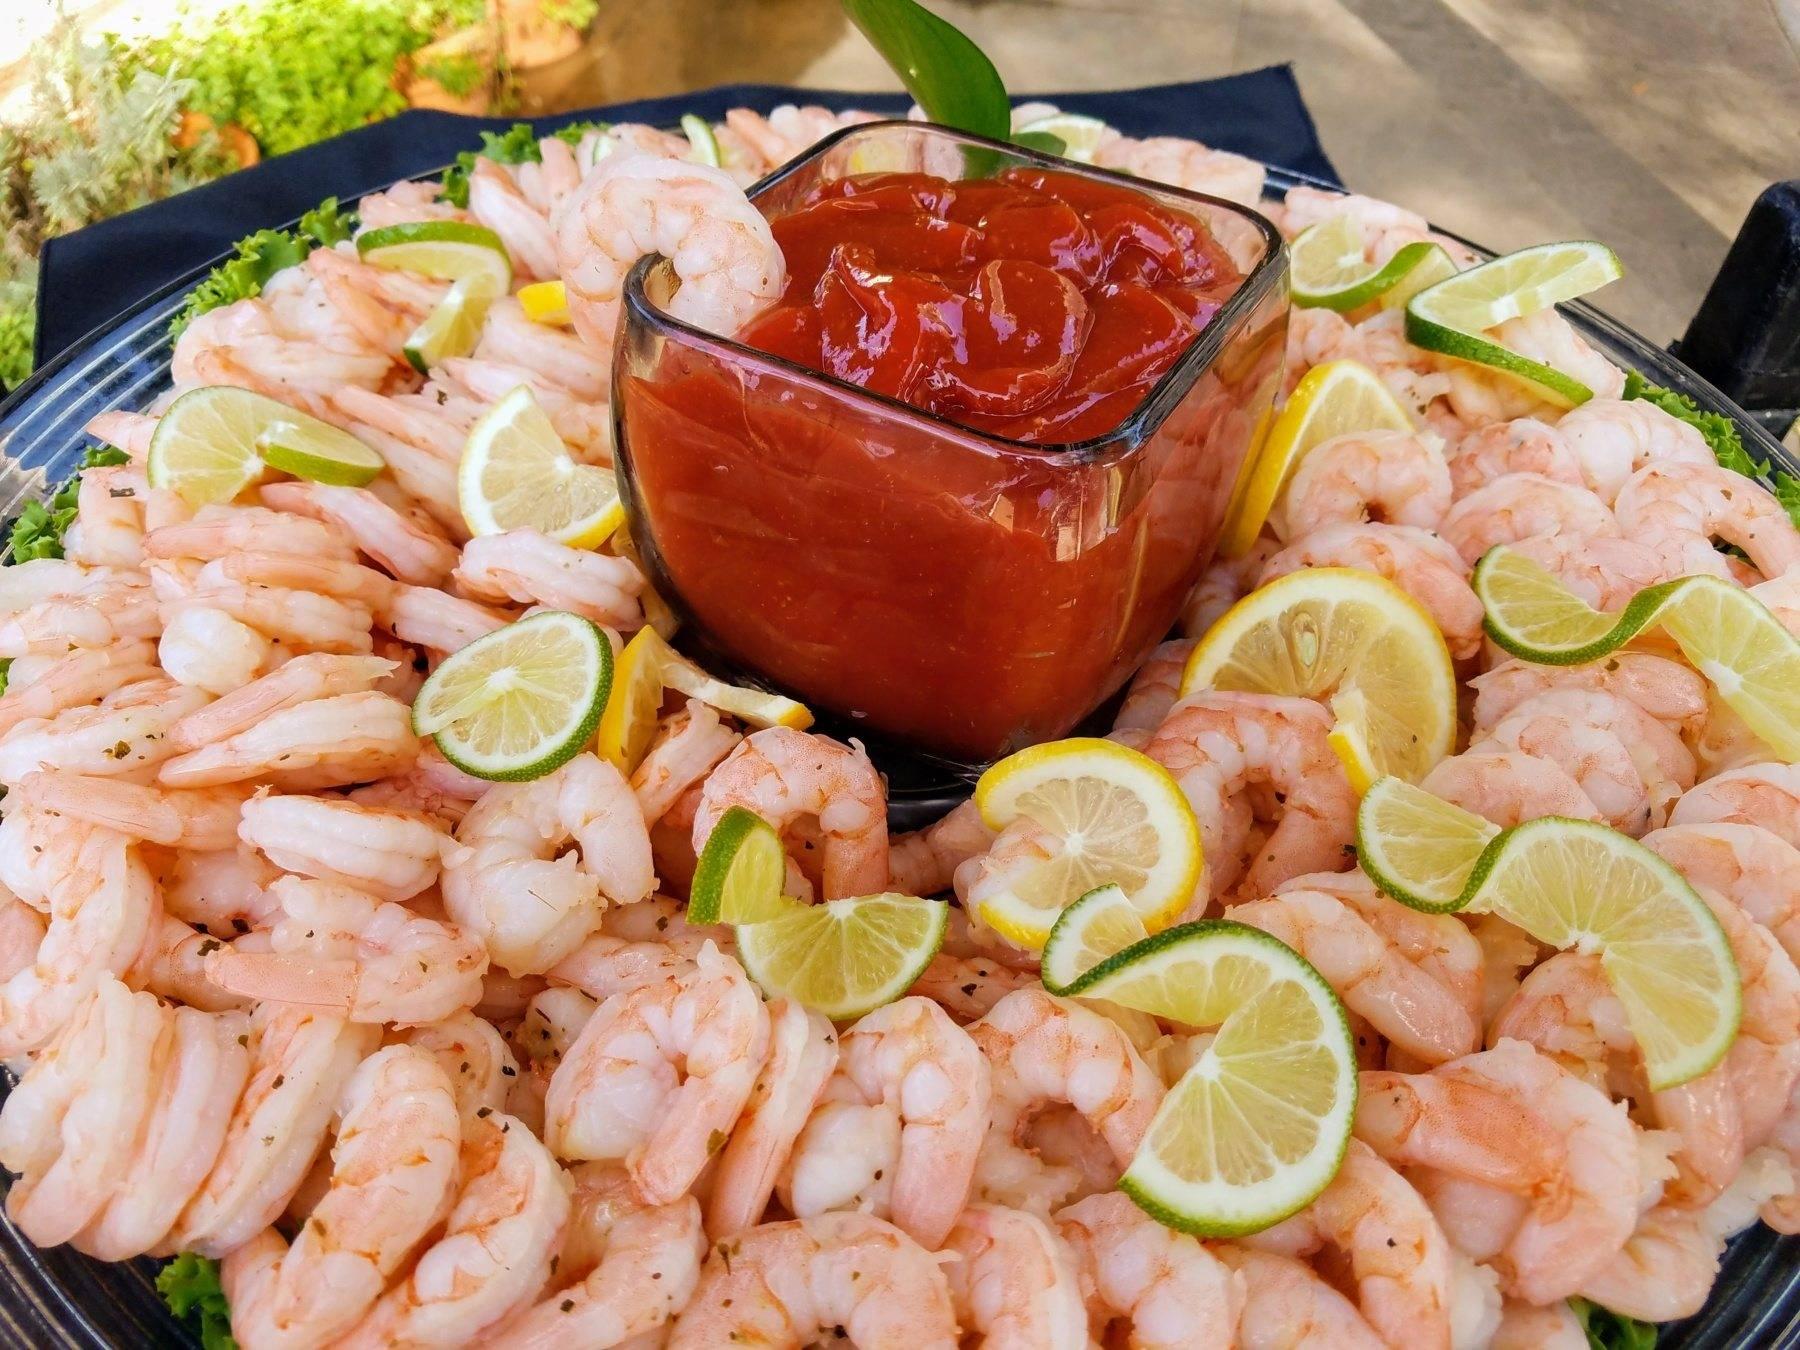 poached shrimp arranged on black platter garnished with lemon and lime wedges, side of cocktail sauce